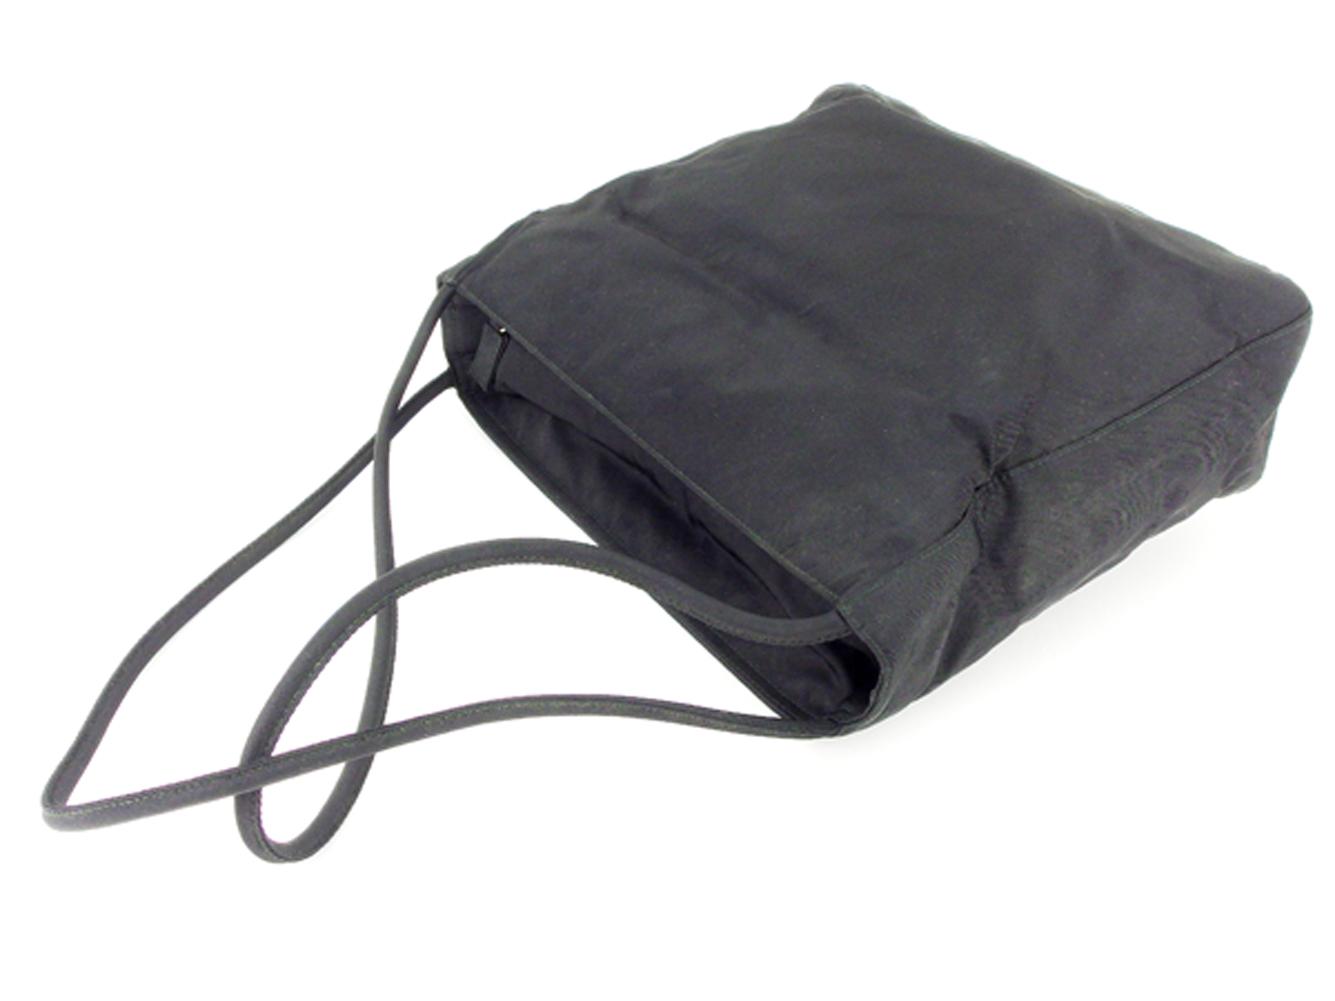 プラダ PRADA ショルダーバッグ ワンショルダー レディース メンズ ブラック B8492クリスマス プレゼント バック ブランド 人気 収納 在庫一掃 1点物 兼用 男性 女性 良品 夏 T6879 AFJlK1cT